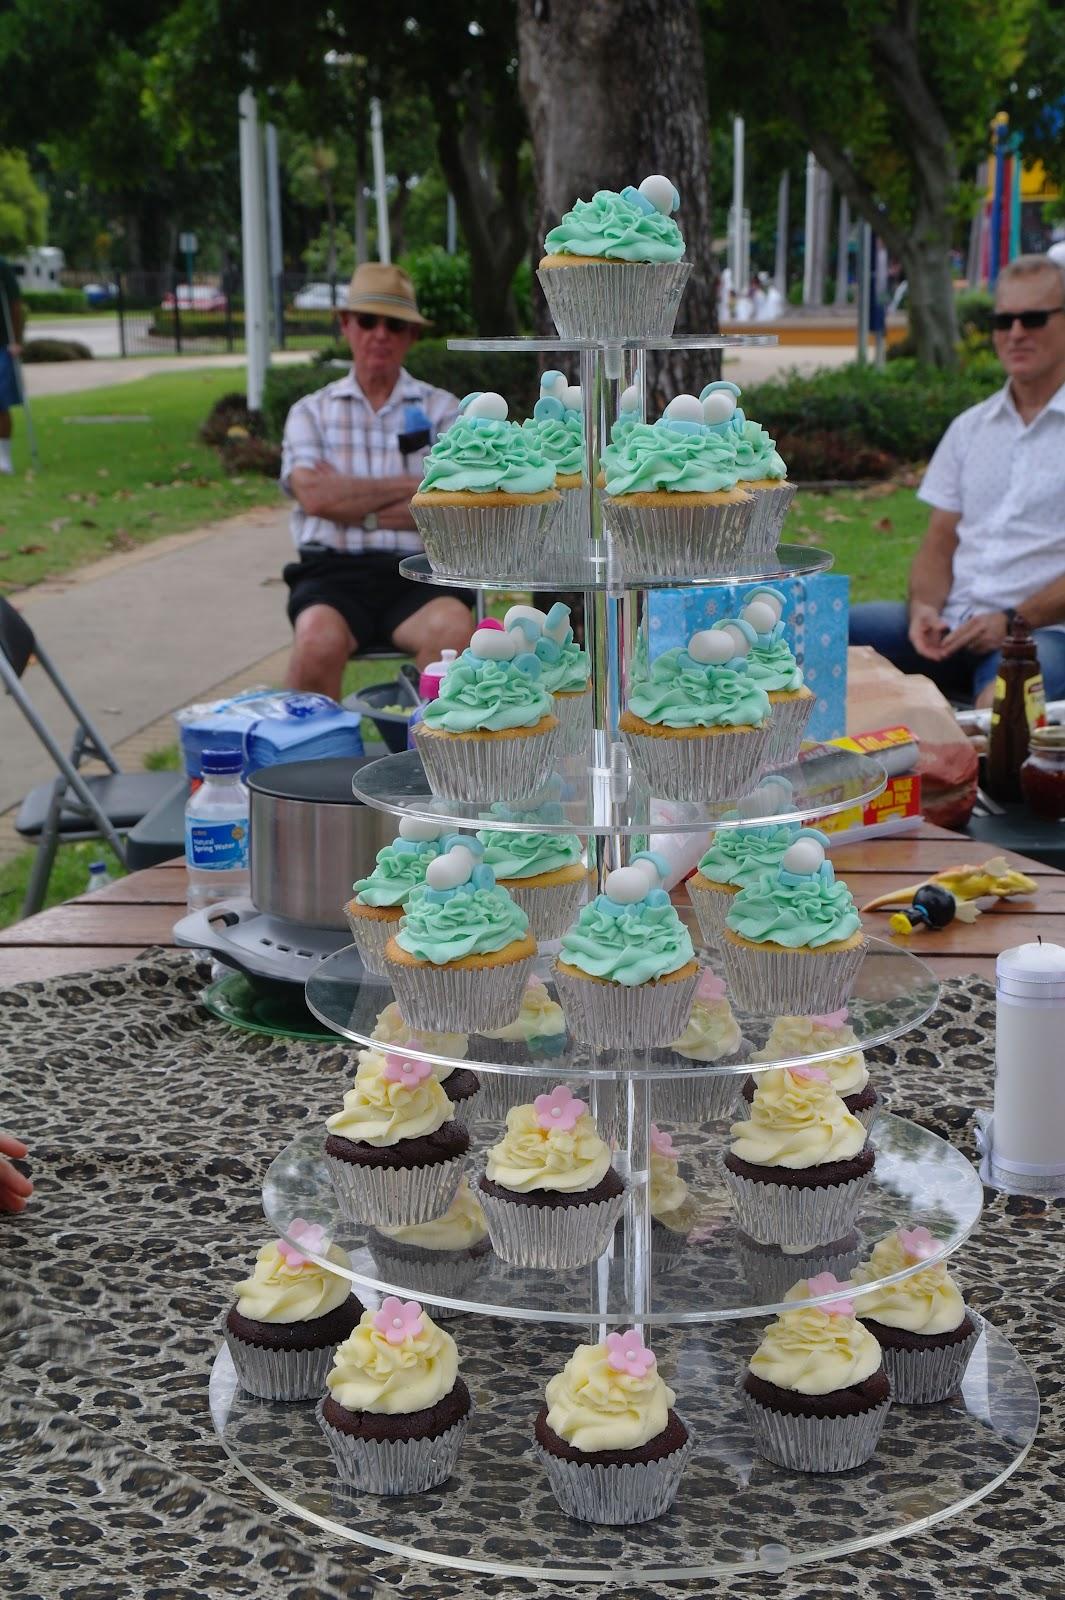 http://1.bp.blogspot.com/-OD8pmT-AKj8/T176SSzeY2I/AAAAAAAABSw/cDV_g830bd0/s1600/cupcake+stand.jpg